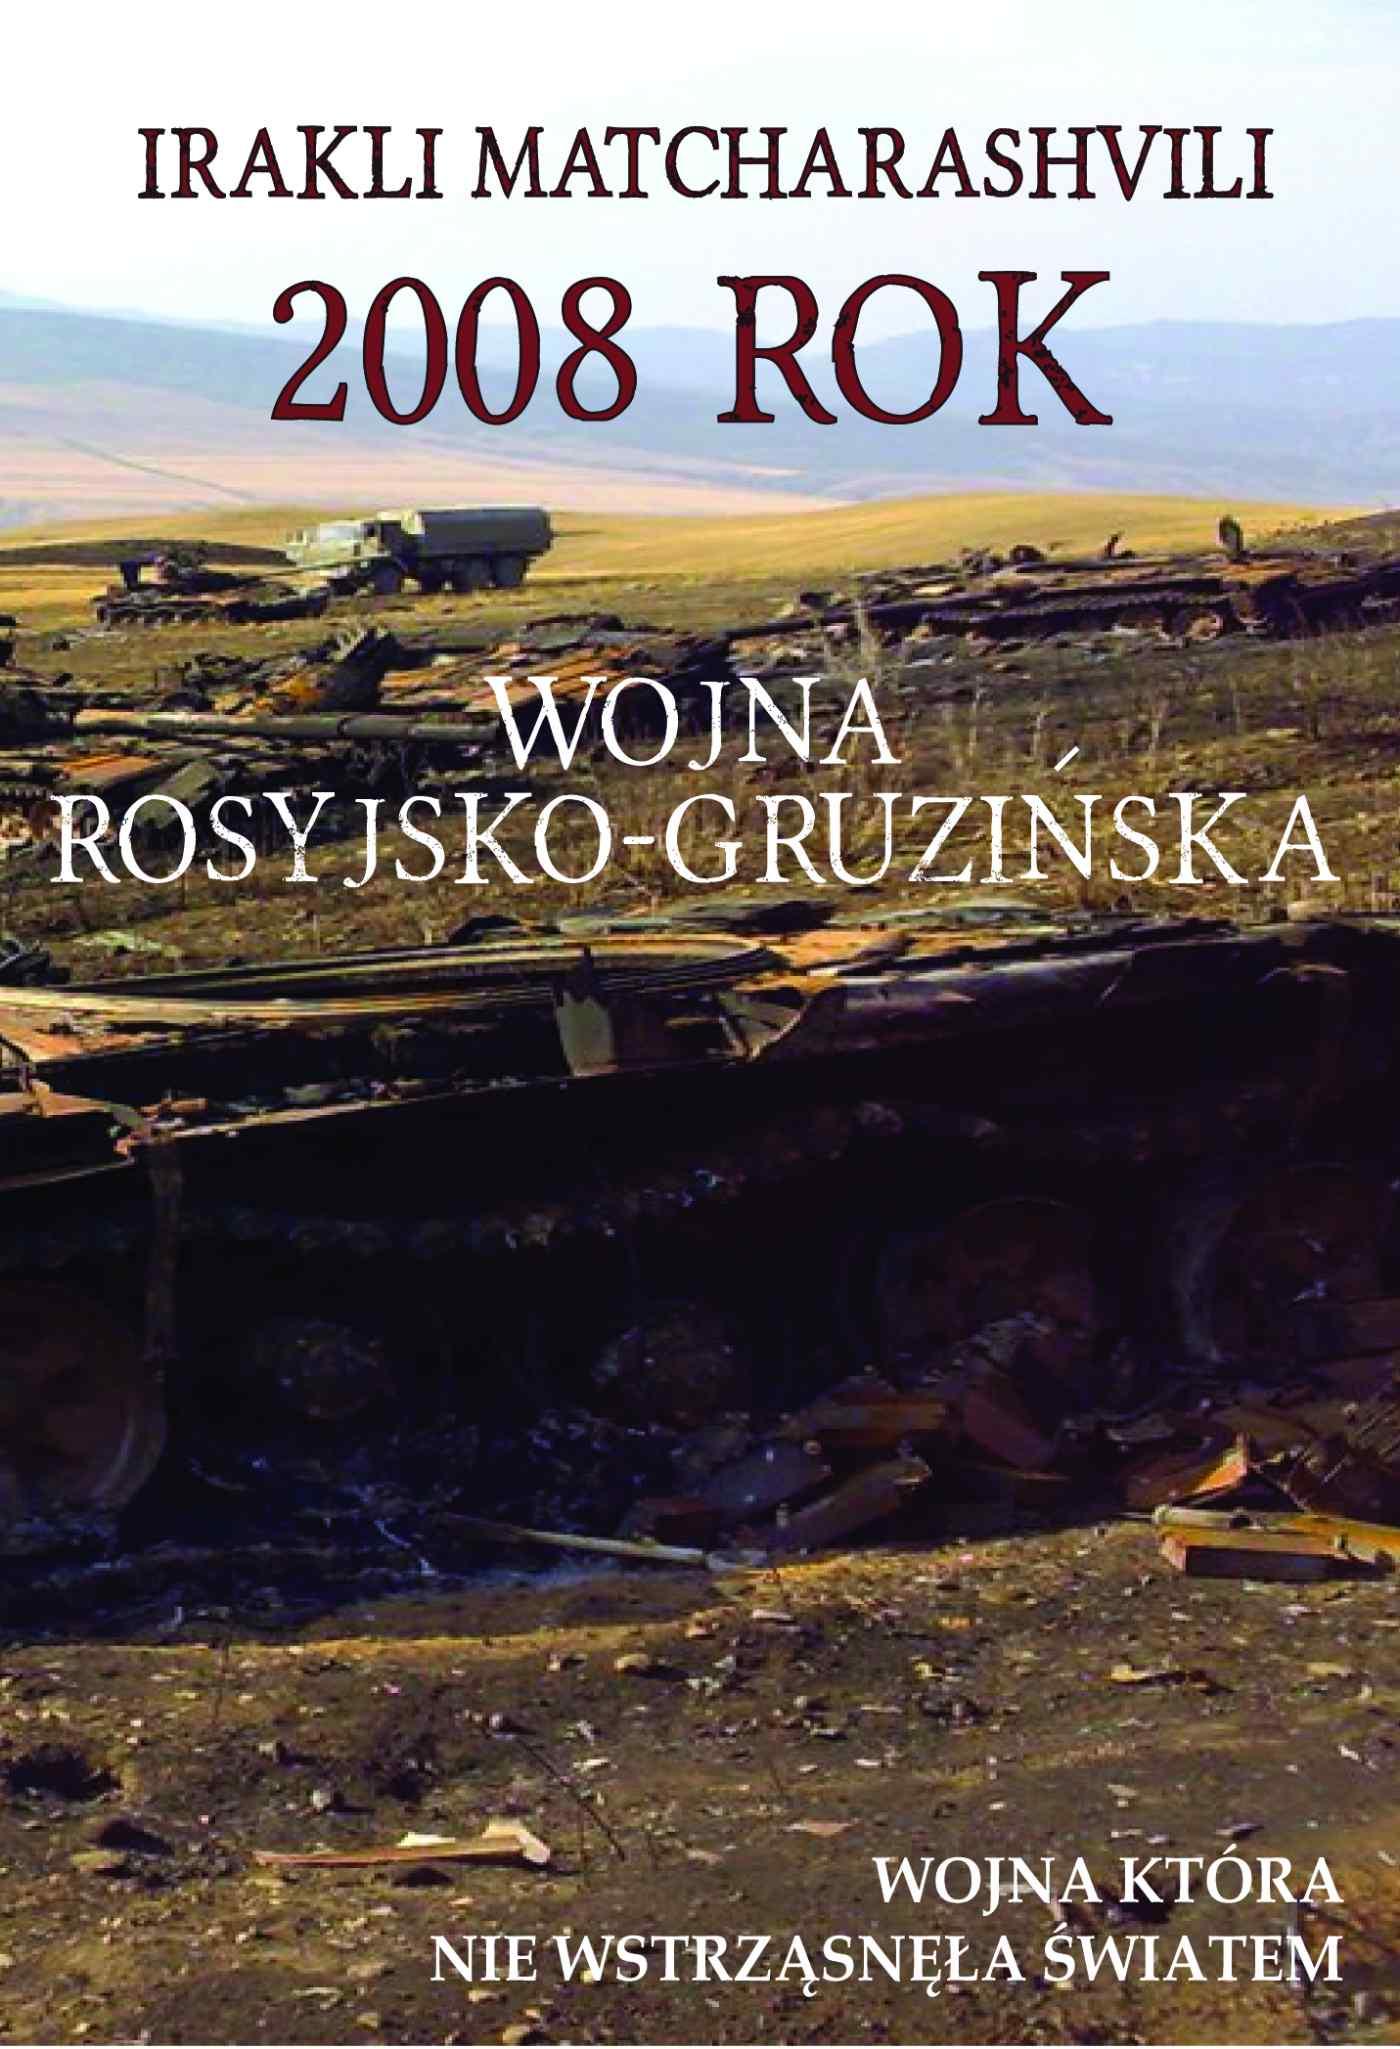 2008 rok. Wojna rosyjsko-gruzińska - Ebook (Książka na Kindle) do pobrania w formacie MOBI